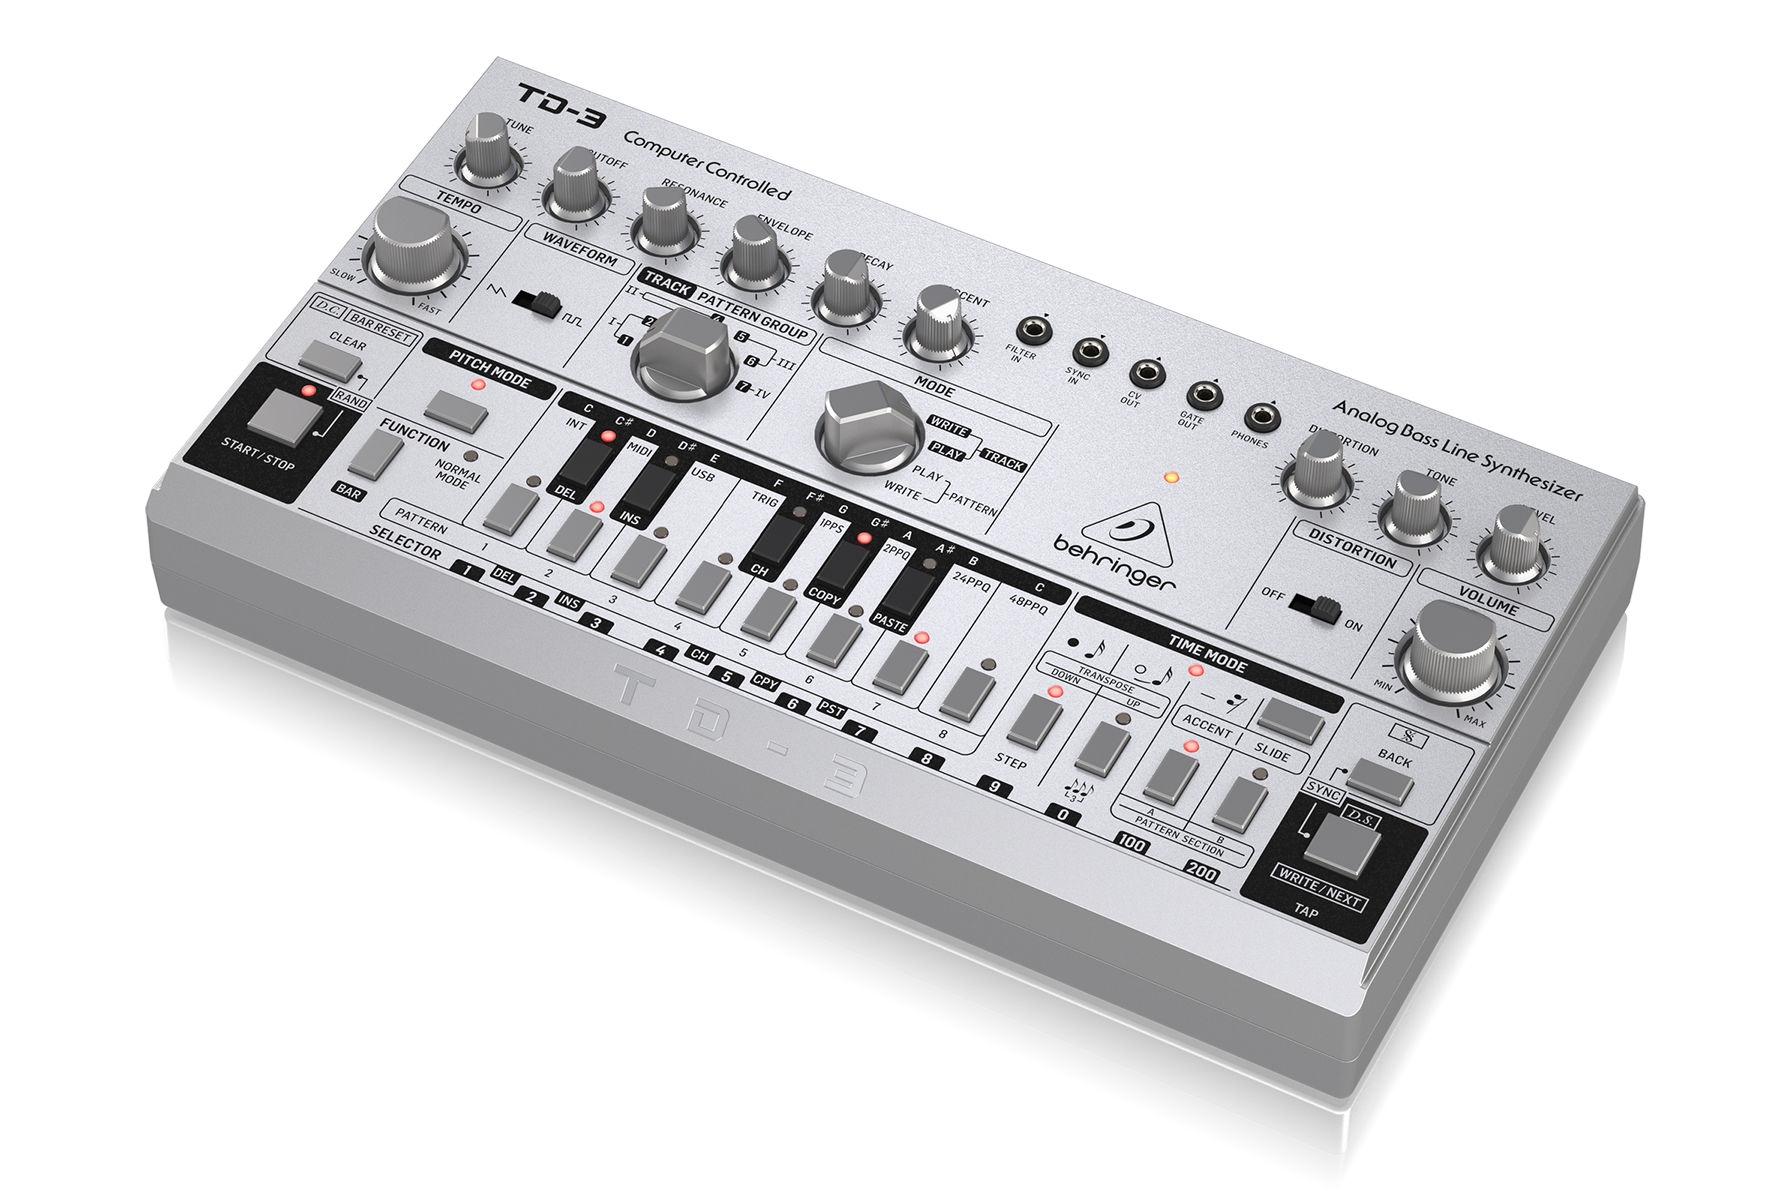 Behringer unveils a Roland TB-303 clone | DeviceDaily.com